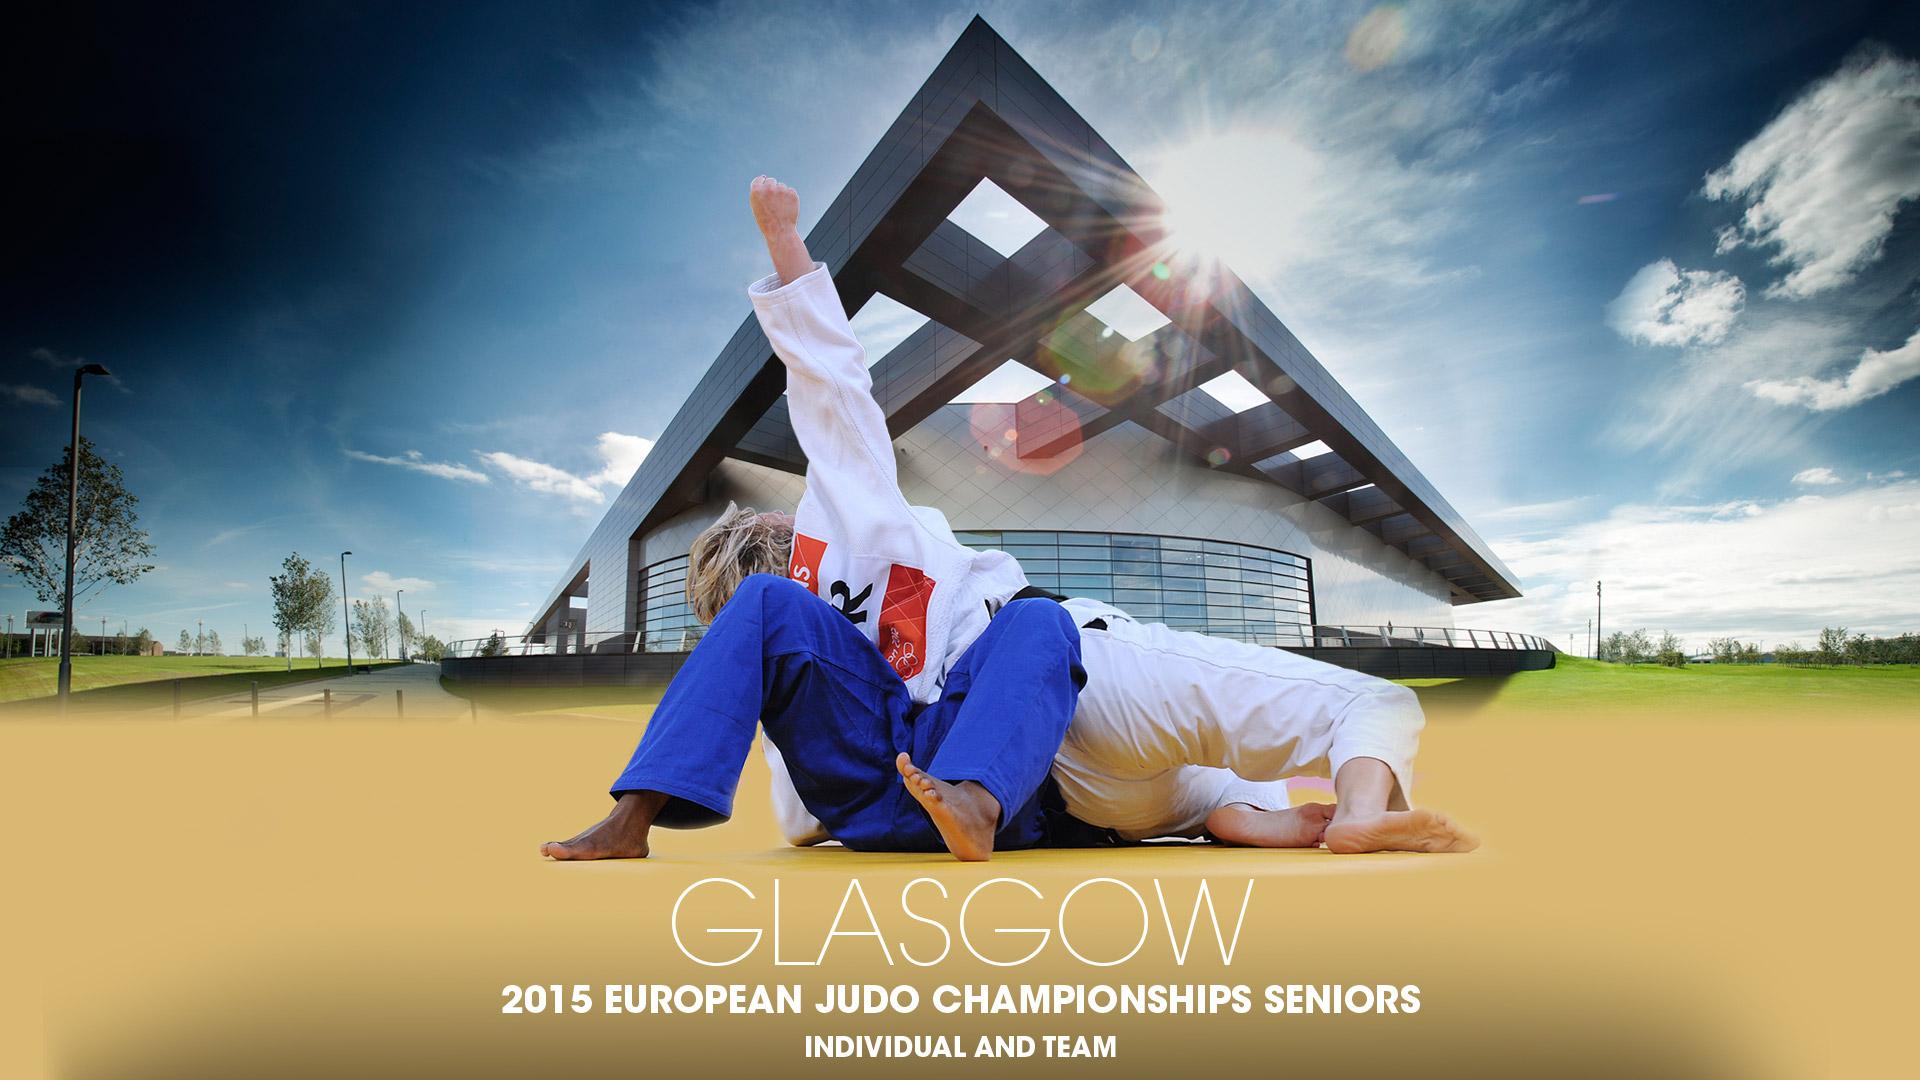 Glasgow 2015 judo